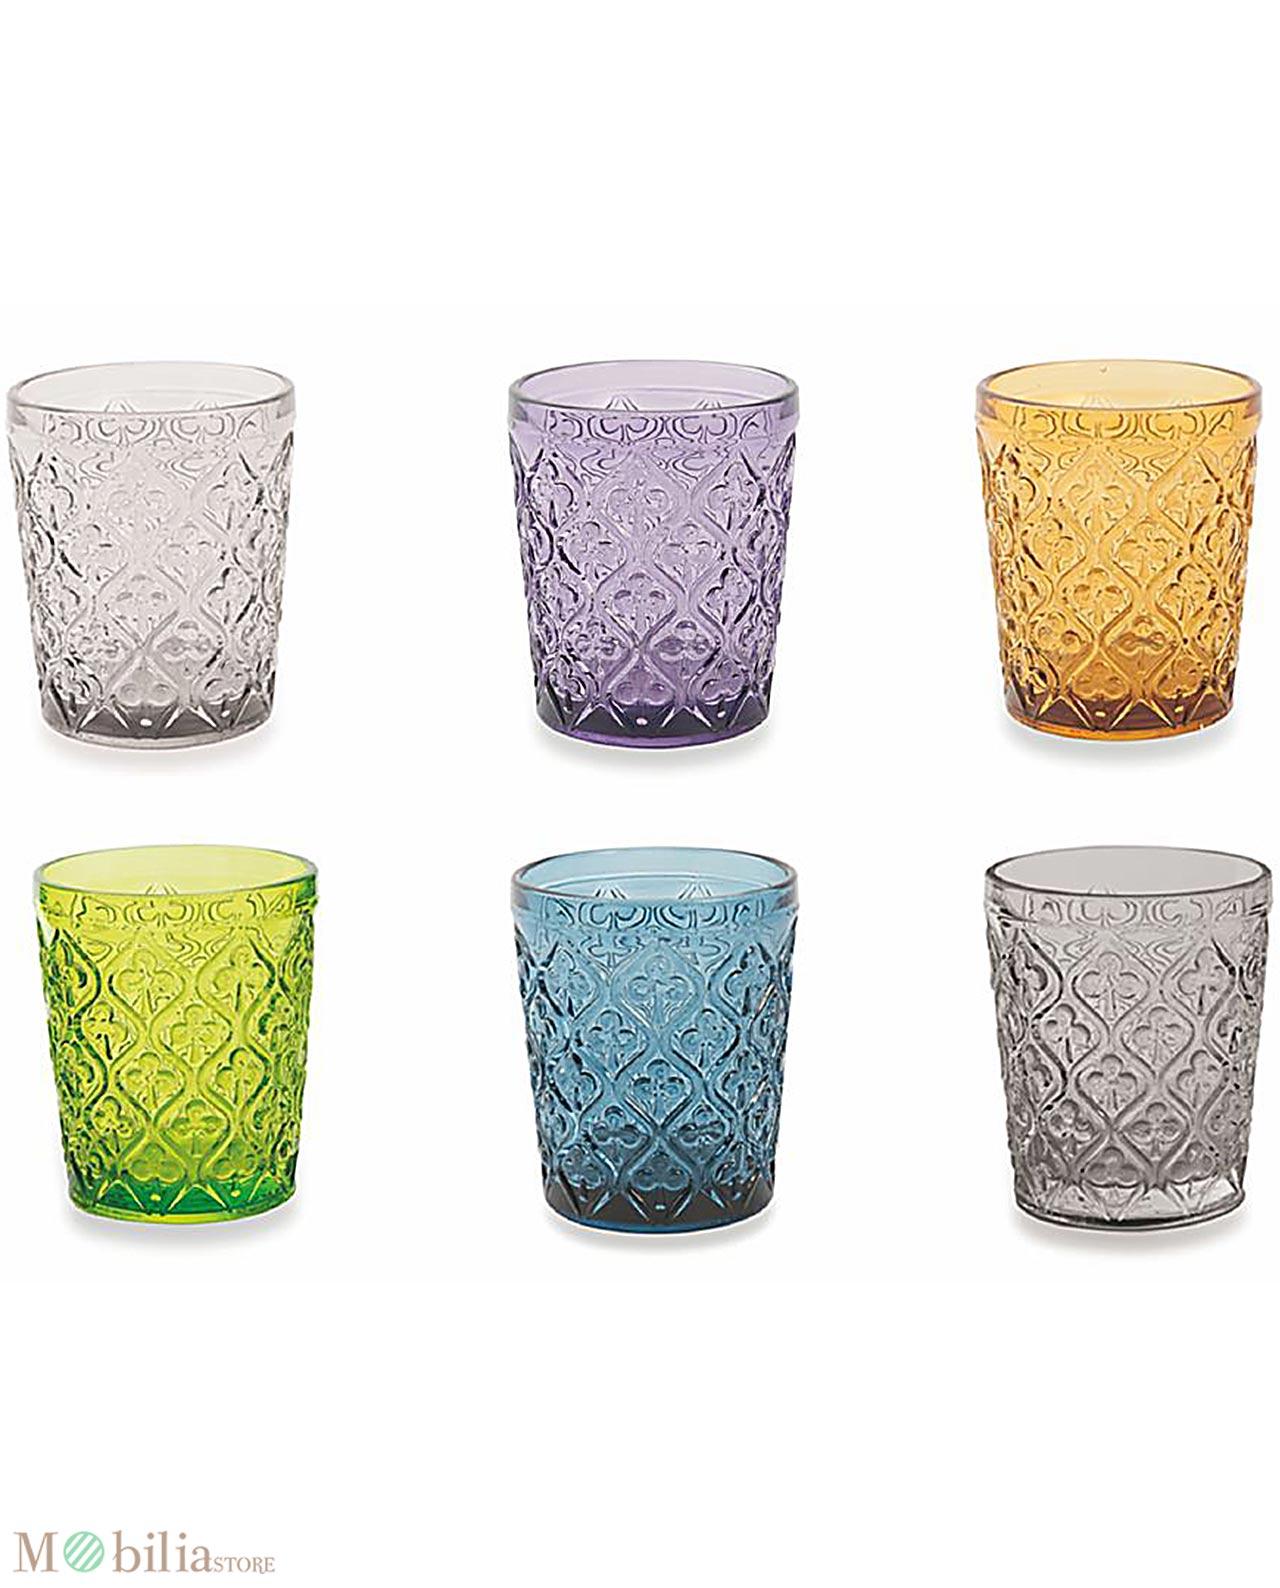 Bicchieri per acqua colorati marrakech villa d 39 este - Disposizione bicchieri a tavola ...